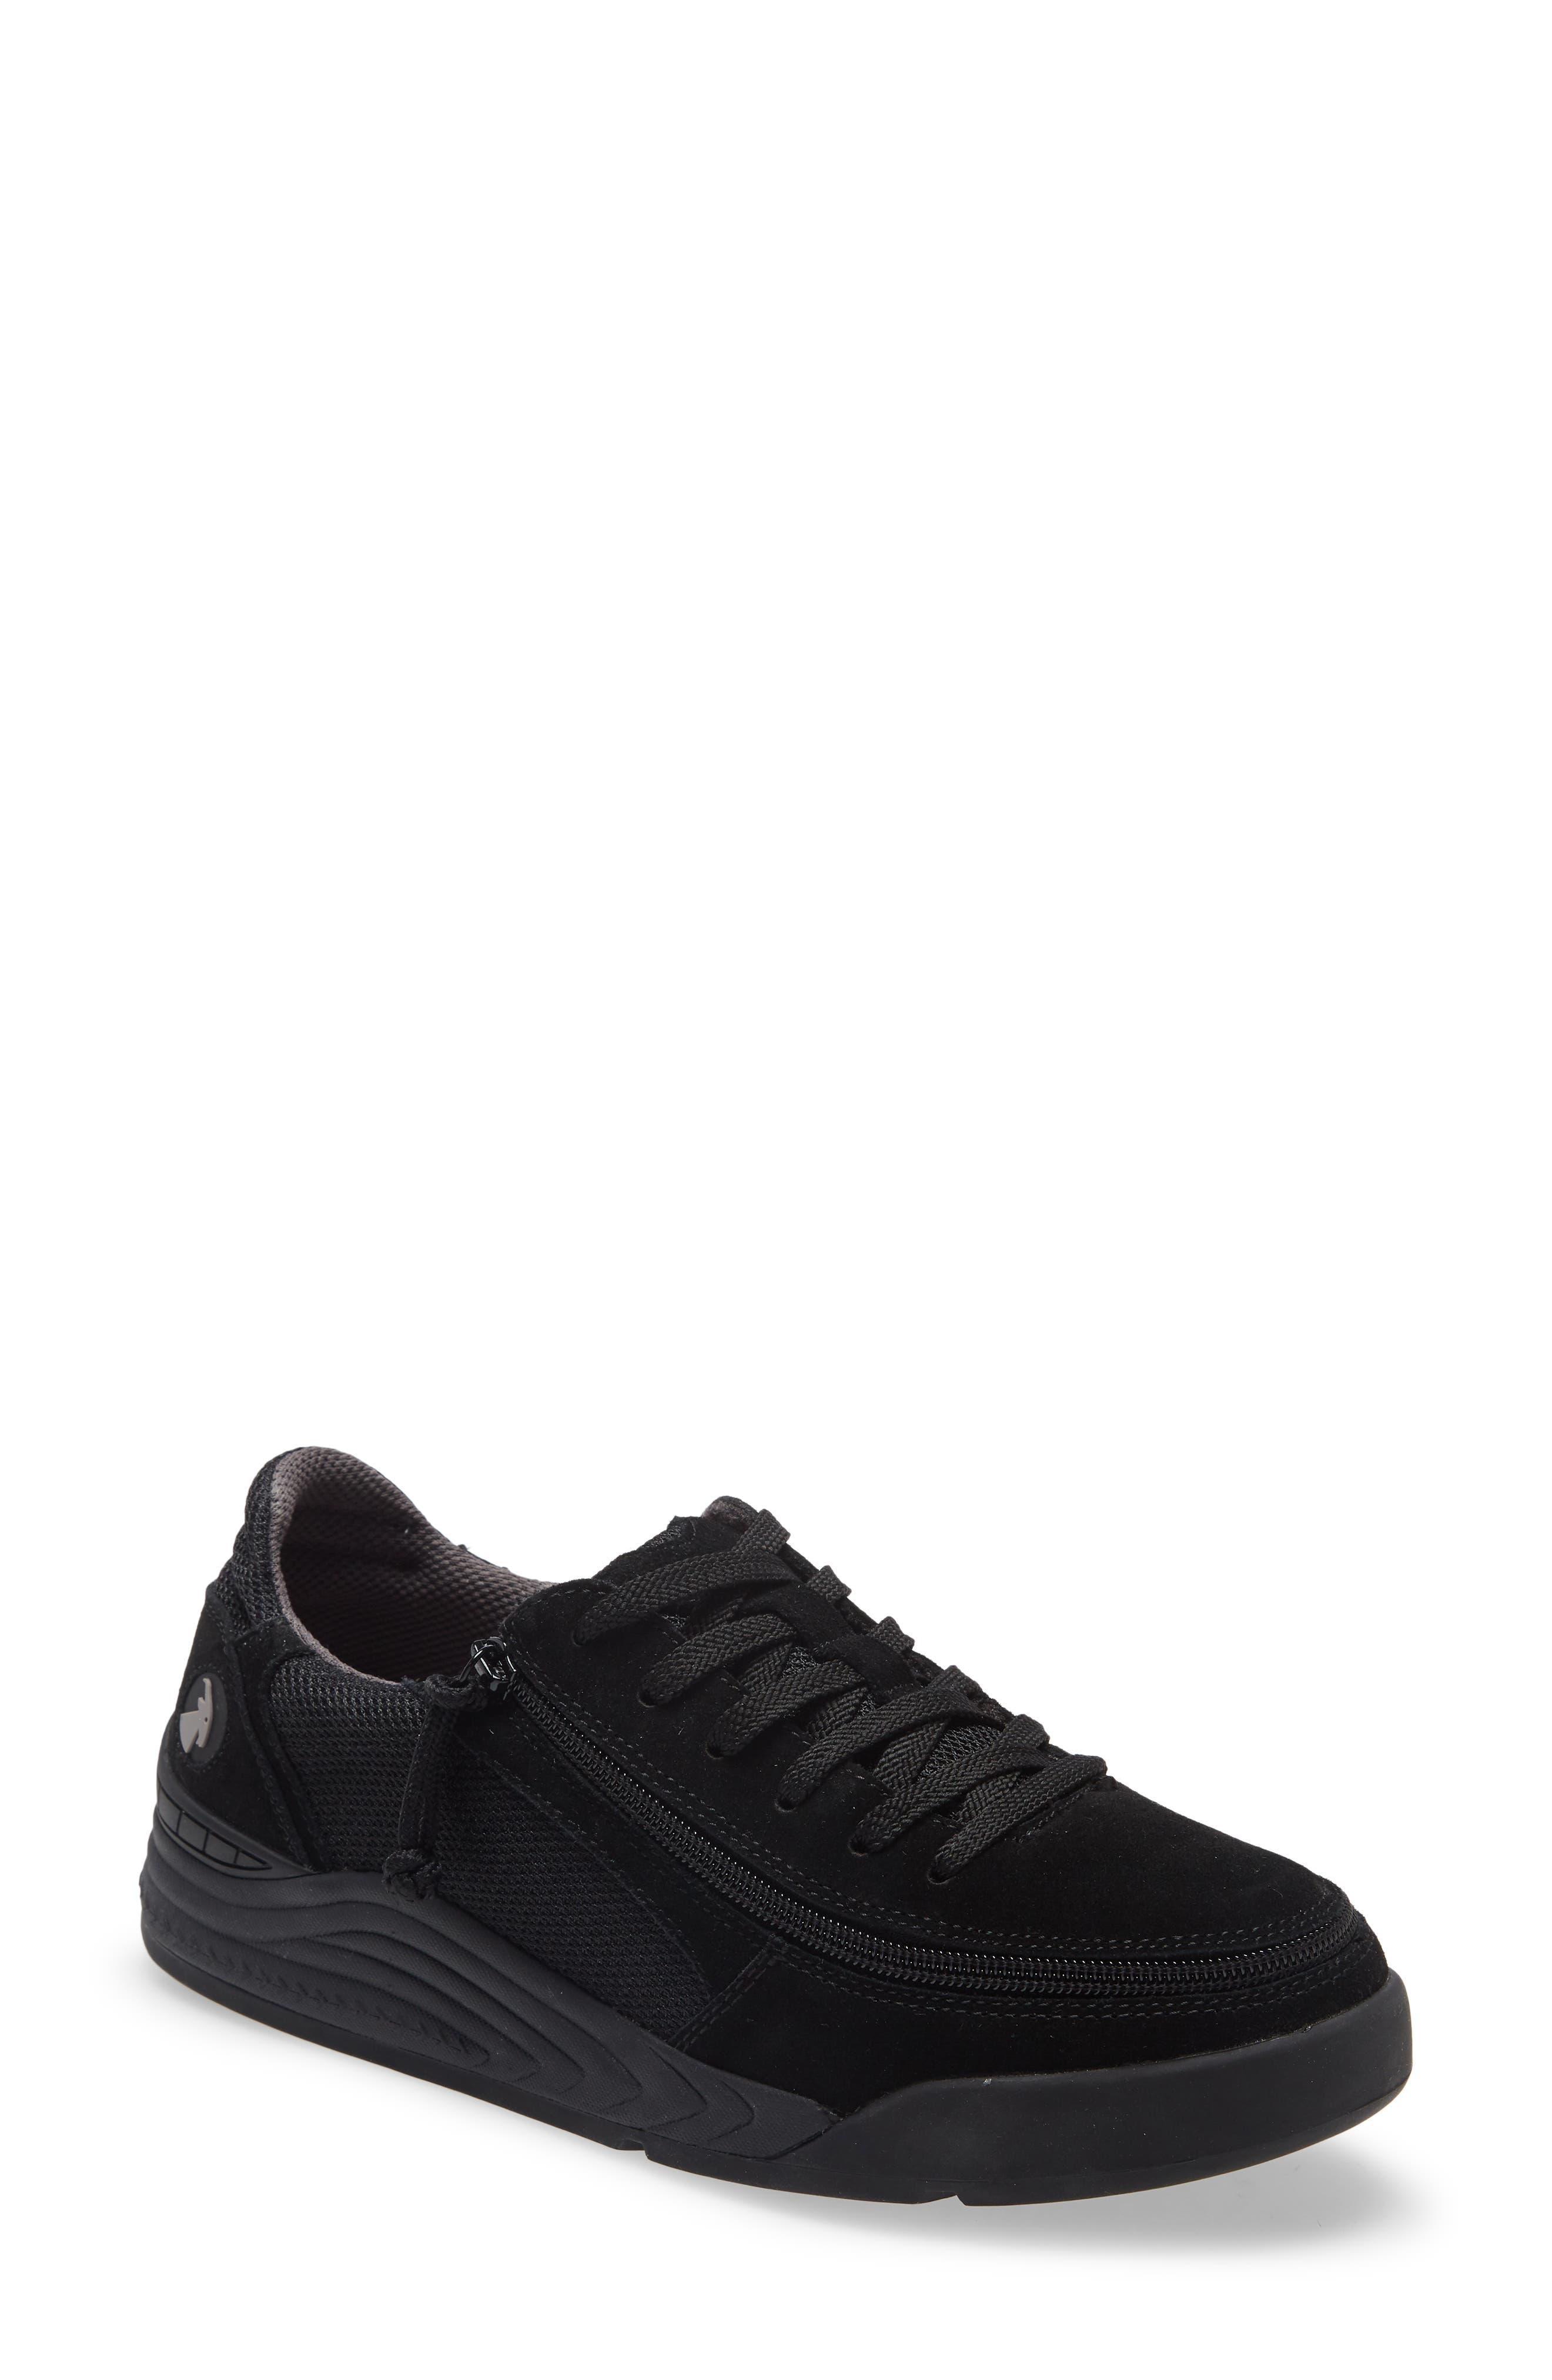 Comfort Classic Zip Around Low Top Sneaker